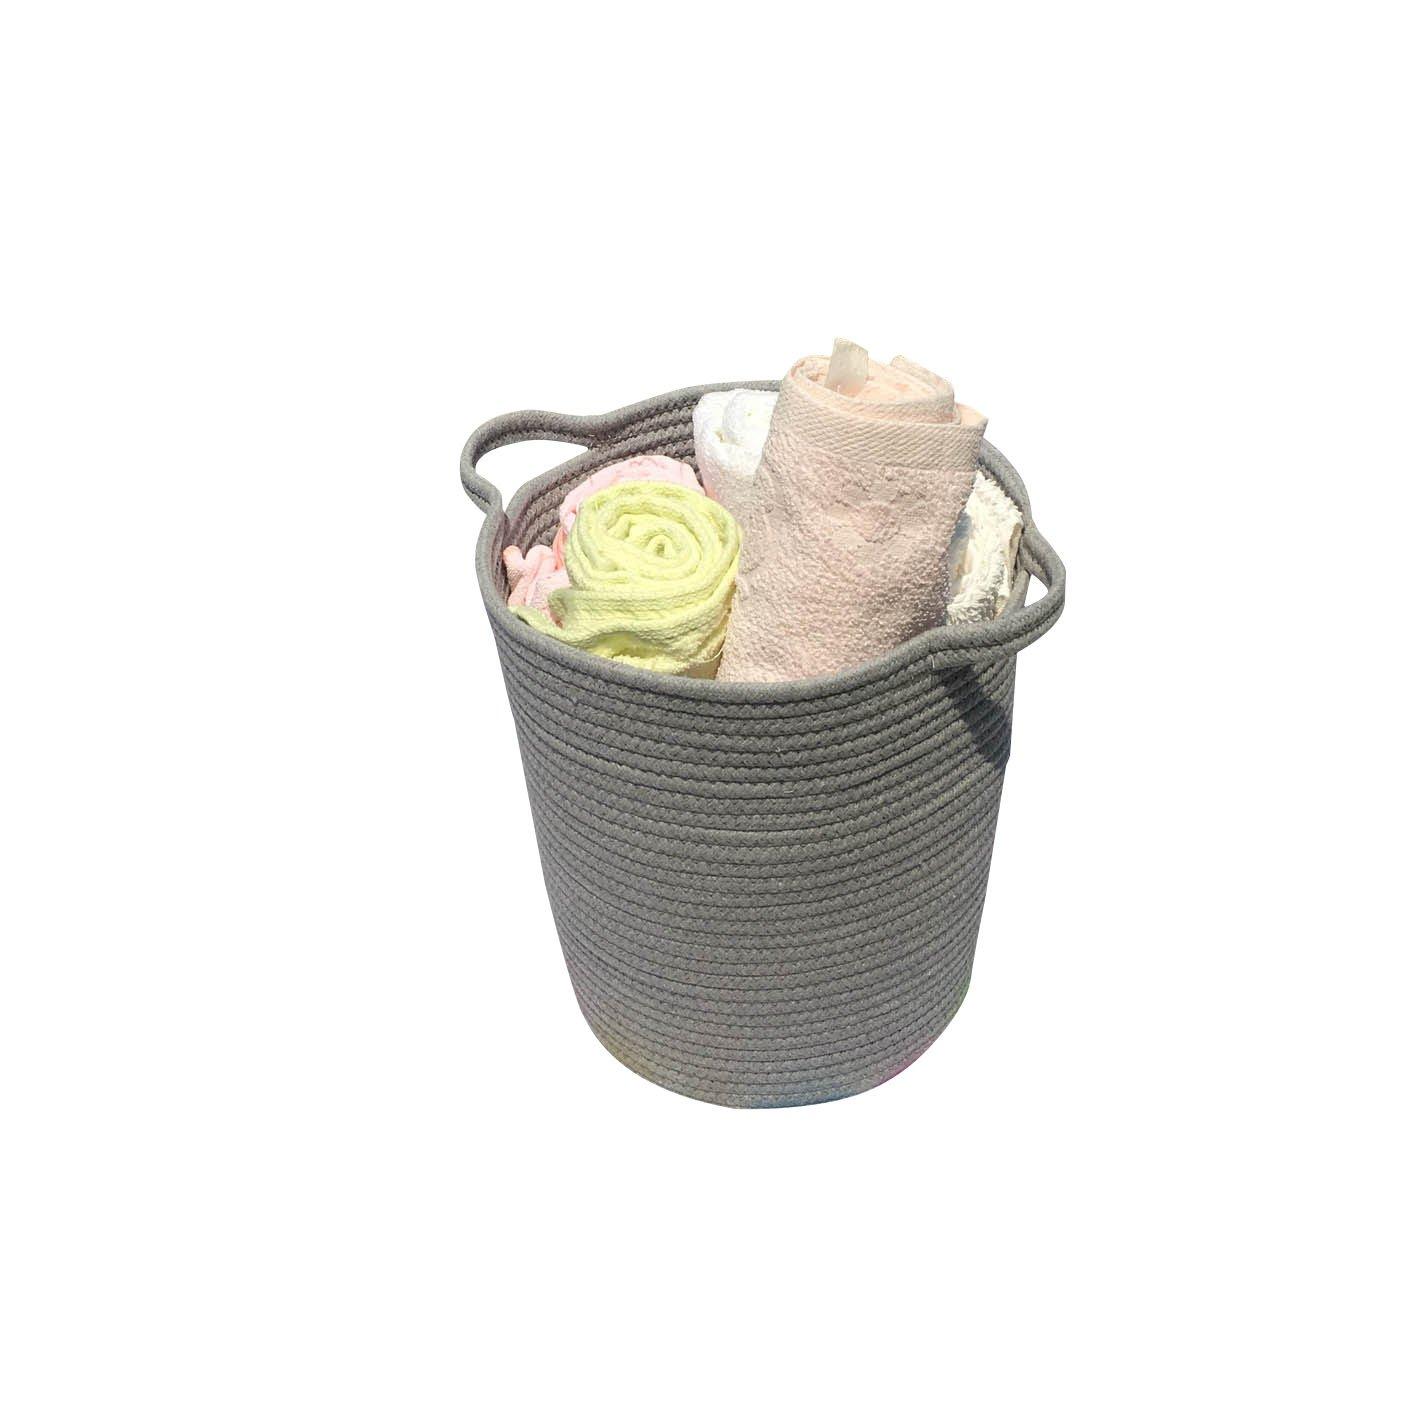 Iceblue Round Storage Everythig Cotton Rope Nursery Basket Closet Storage Basket Hamper with Handles The Best Time 34101040